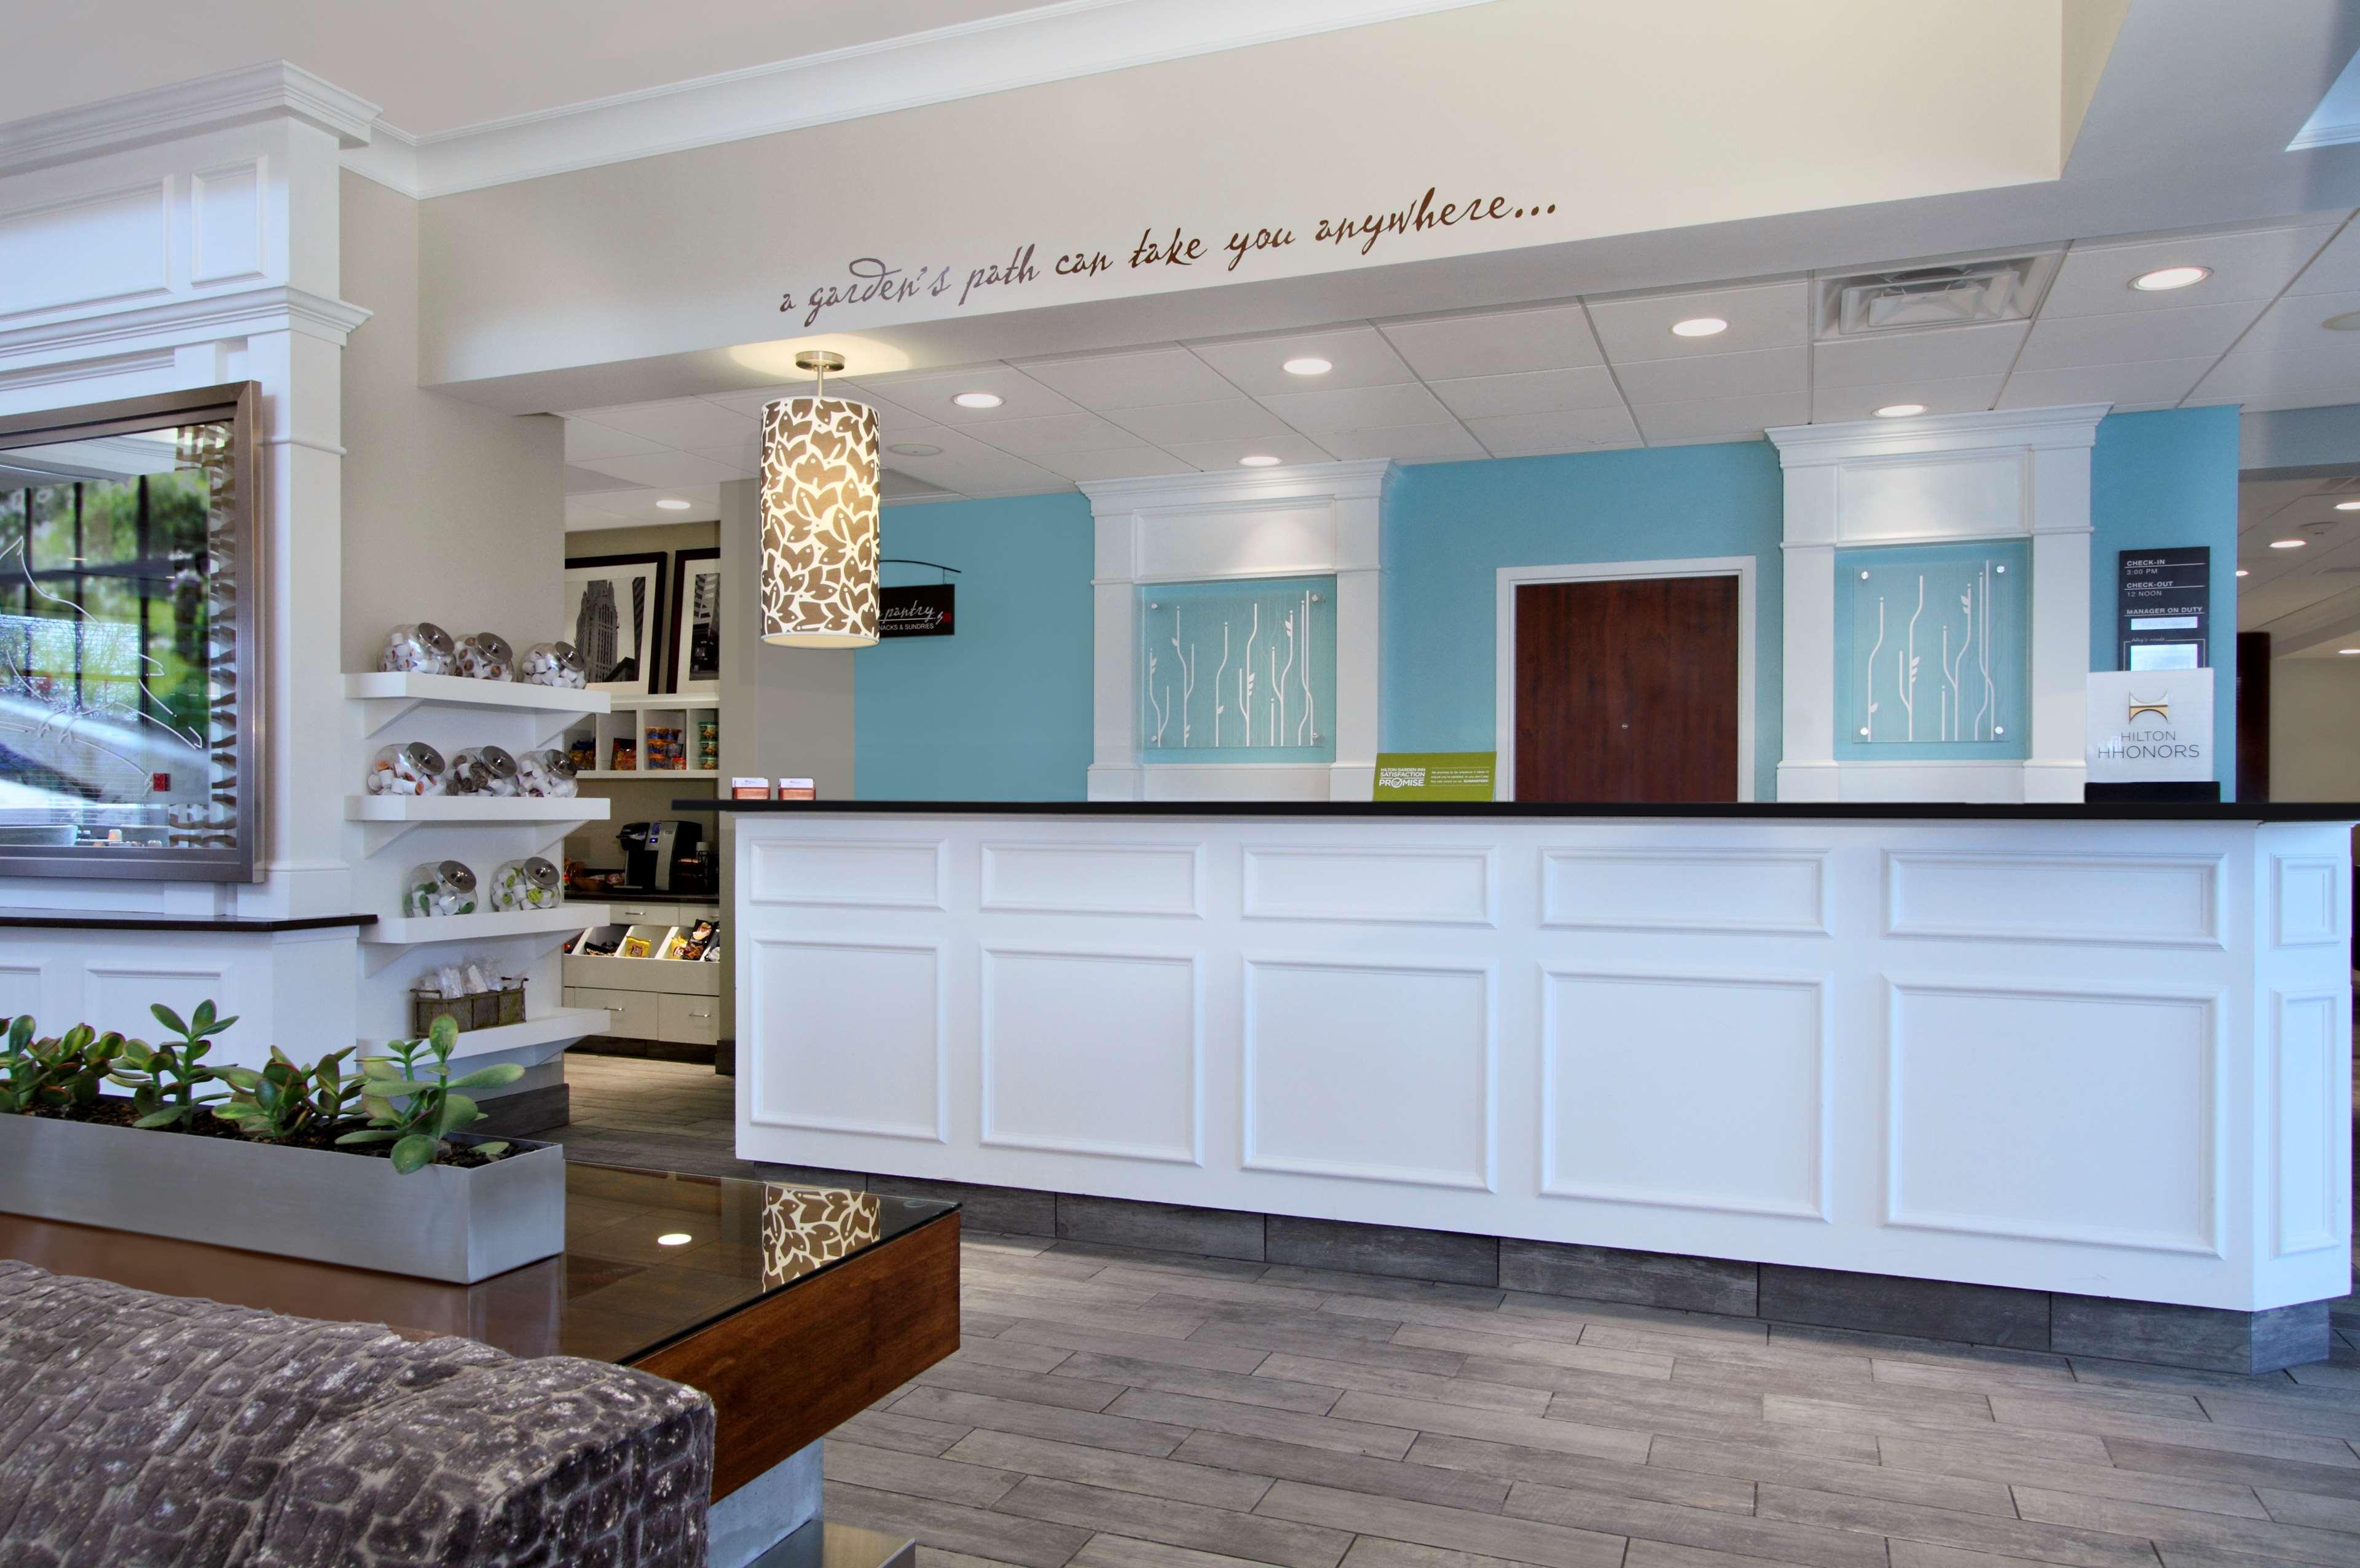 Hilton Garden Inn Columbus-University Area image 3